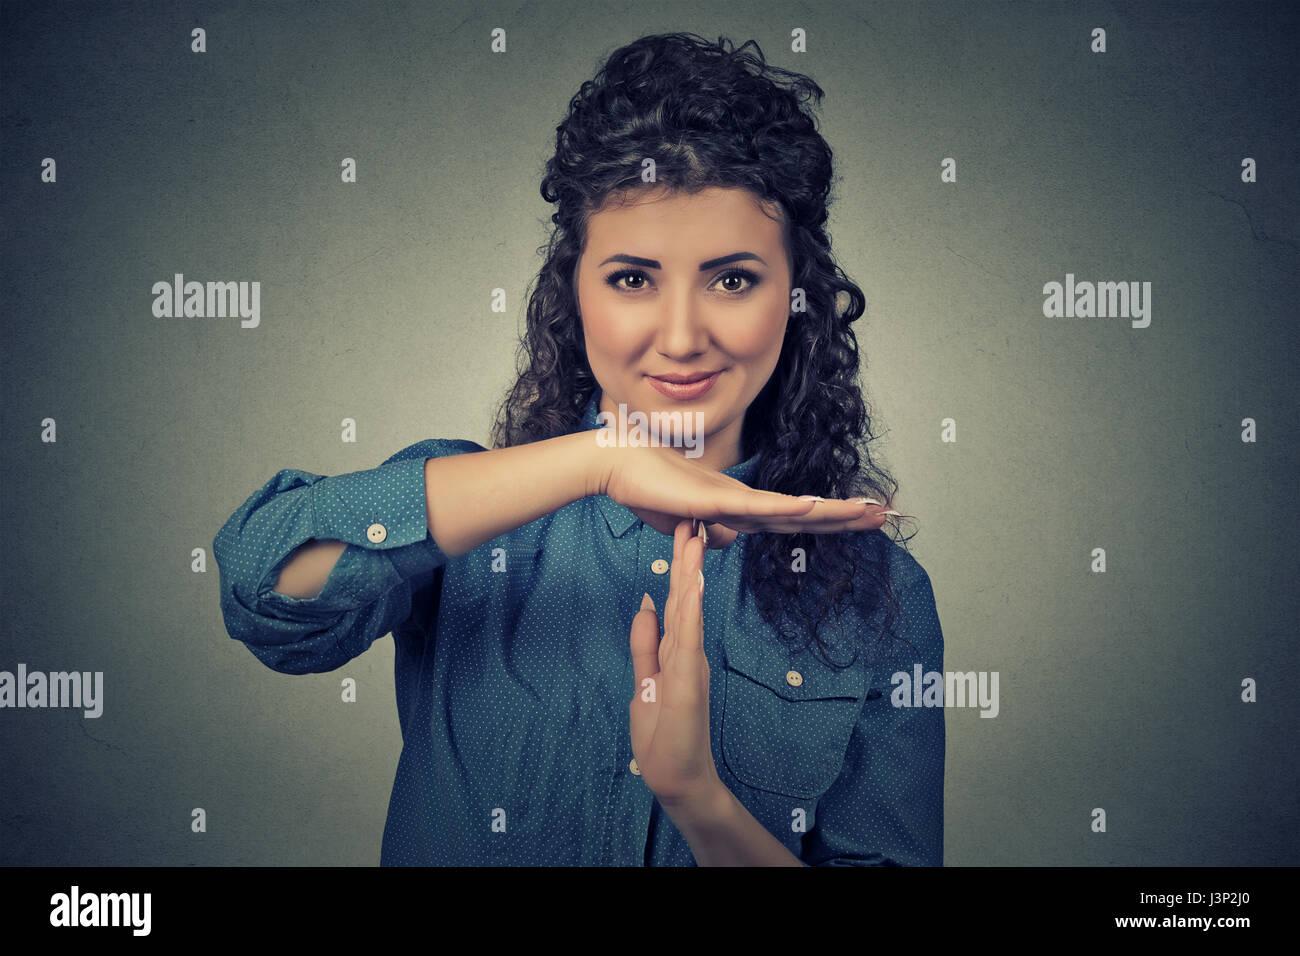 Closeup retrato, joven mujer sonriente, feliz, mostrando el tiempo gestos con las manos aislado sobre la pared gris Imagen De Stock